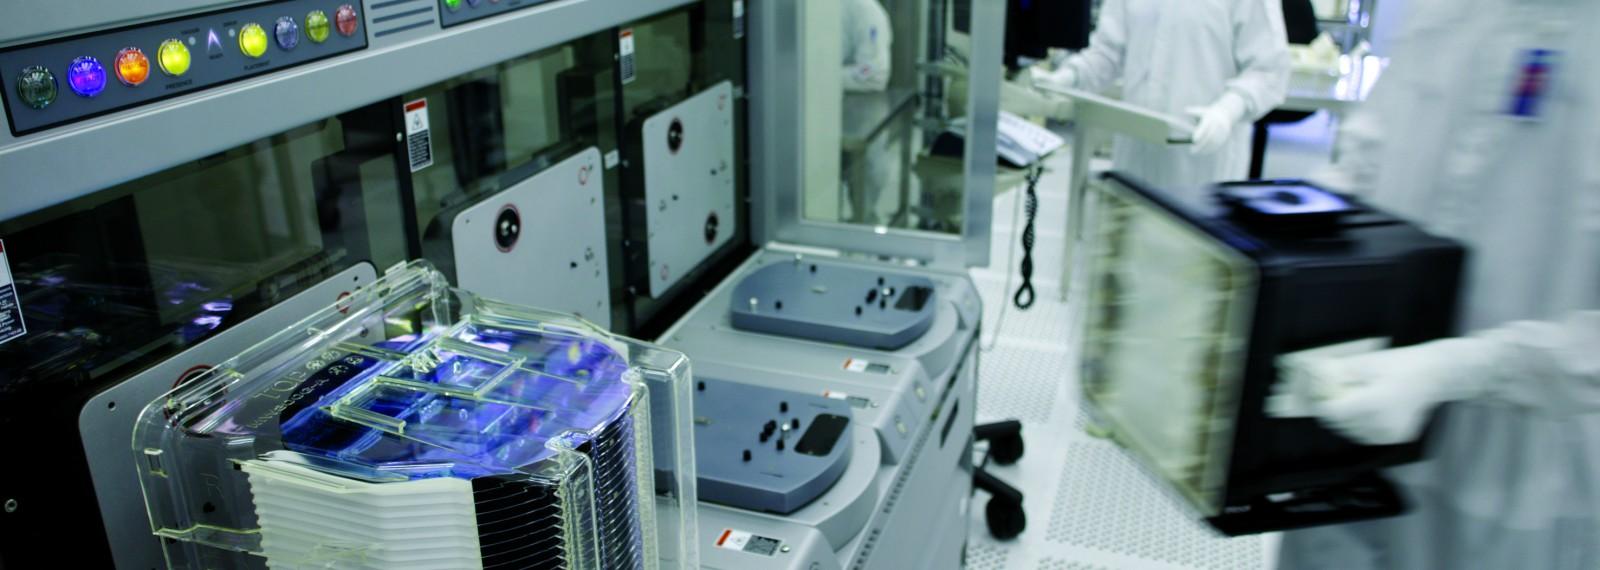 4030 / AMD: DEUTSCHLAND, SACHSEN, DRESDEN (GERMANY, SAXONY), 29.03.2005: Start erster Testwafer (First Silicon) in  AMD Fab 36, AMDs zweites Werk  am Standort Dresden, AMDs erstes Werk zur Herstellung von Mikroprozessoren auf 300 mm Wafern -Sven Doering / VISUM-